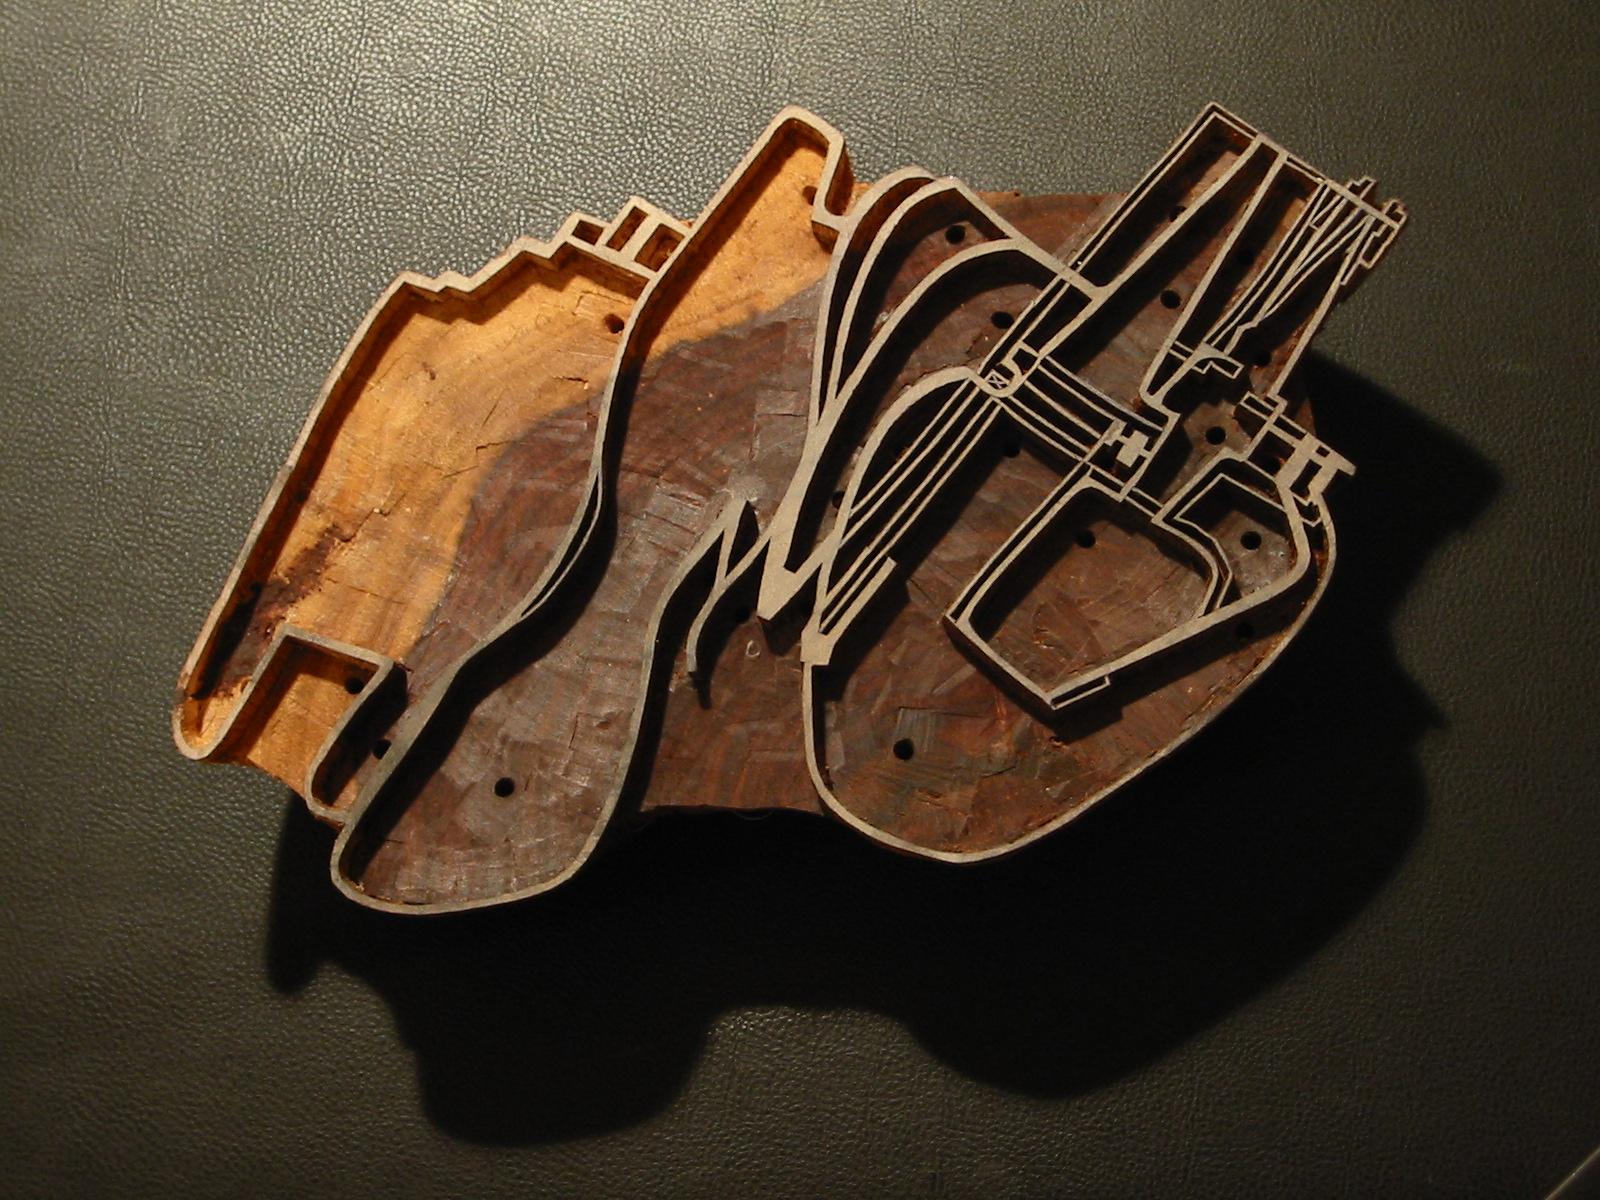 Billedet viser et håndskåret træstempel produceret i Indien